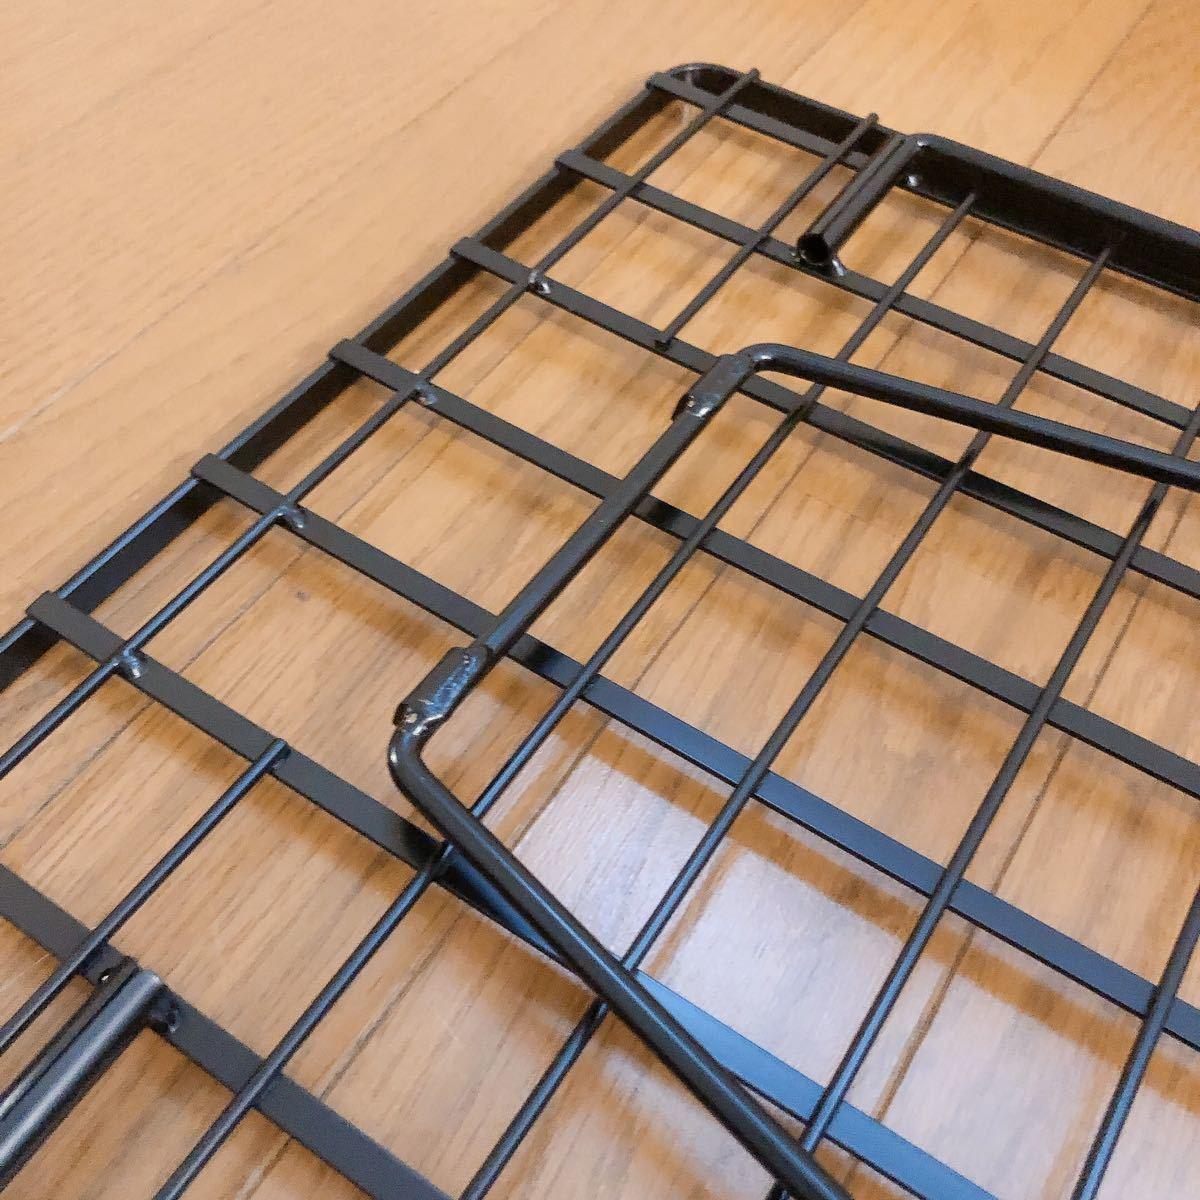 ユニフレーム UNIFLAME フィールドラック 2台 ブラック 611616 LTトート 683538 ラック 収納 テーブル